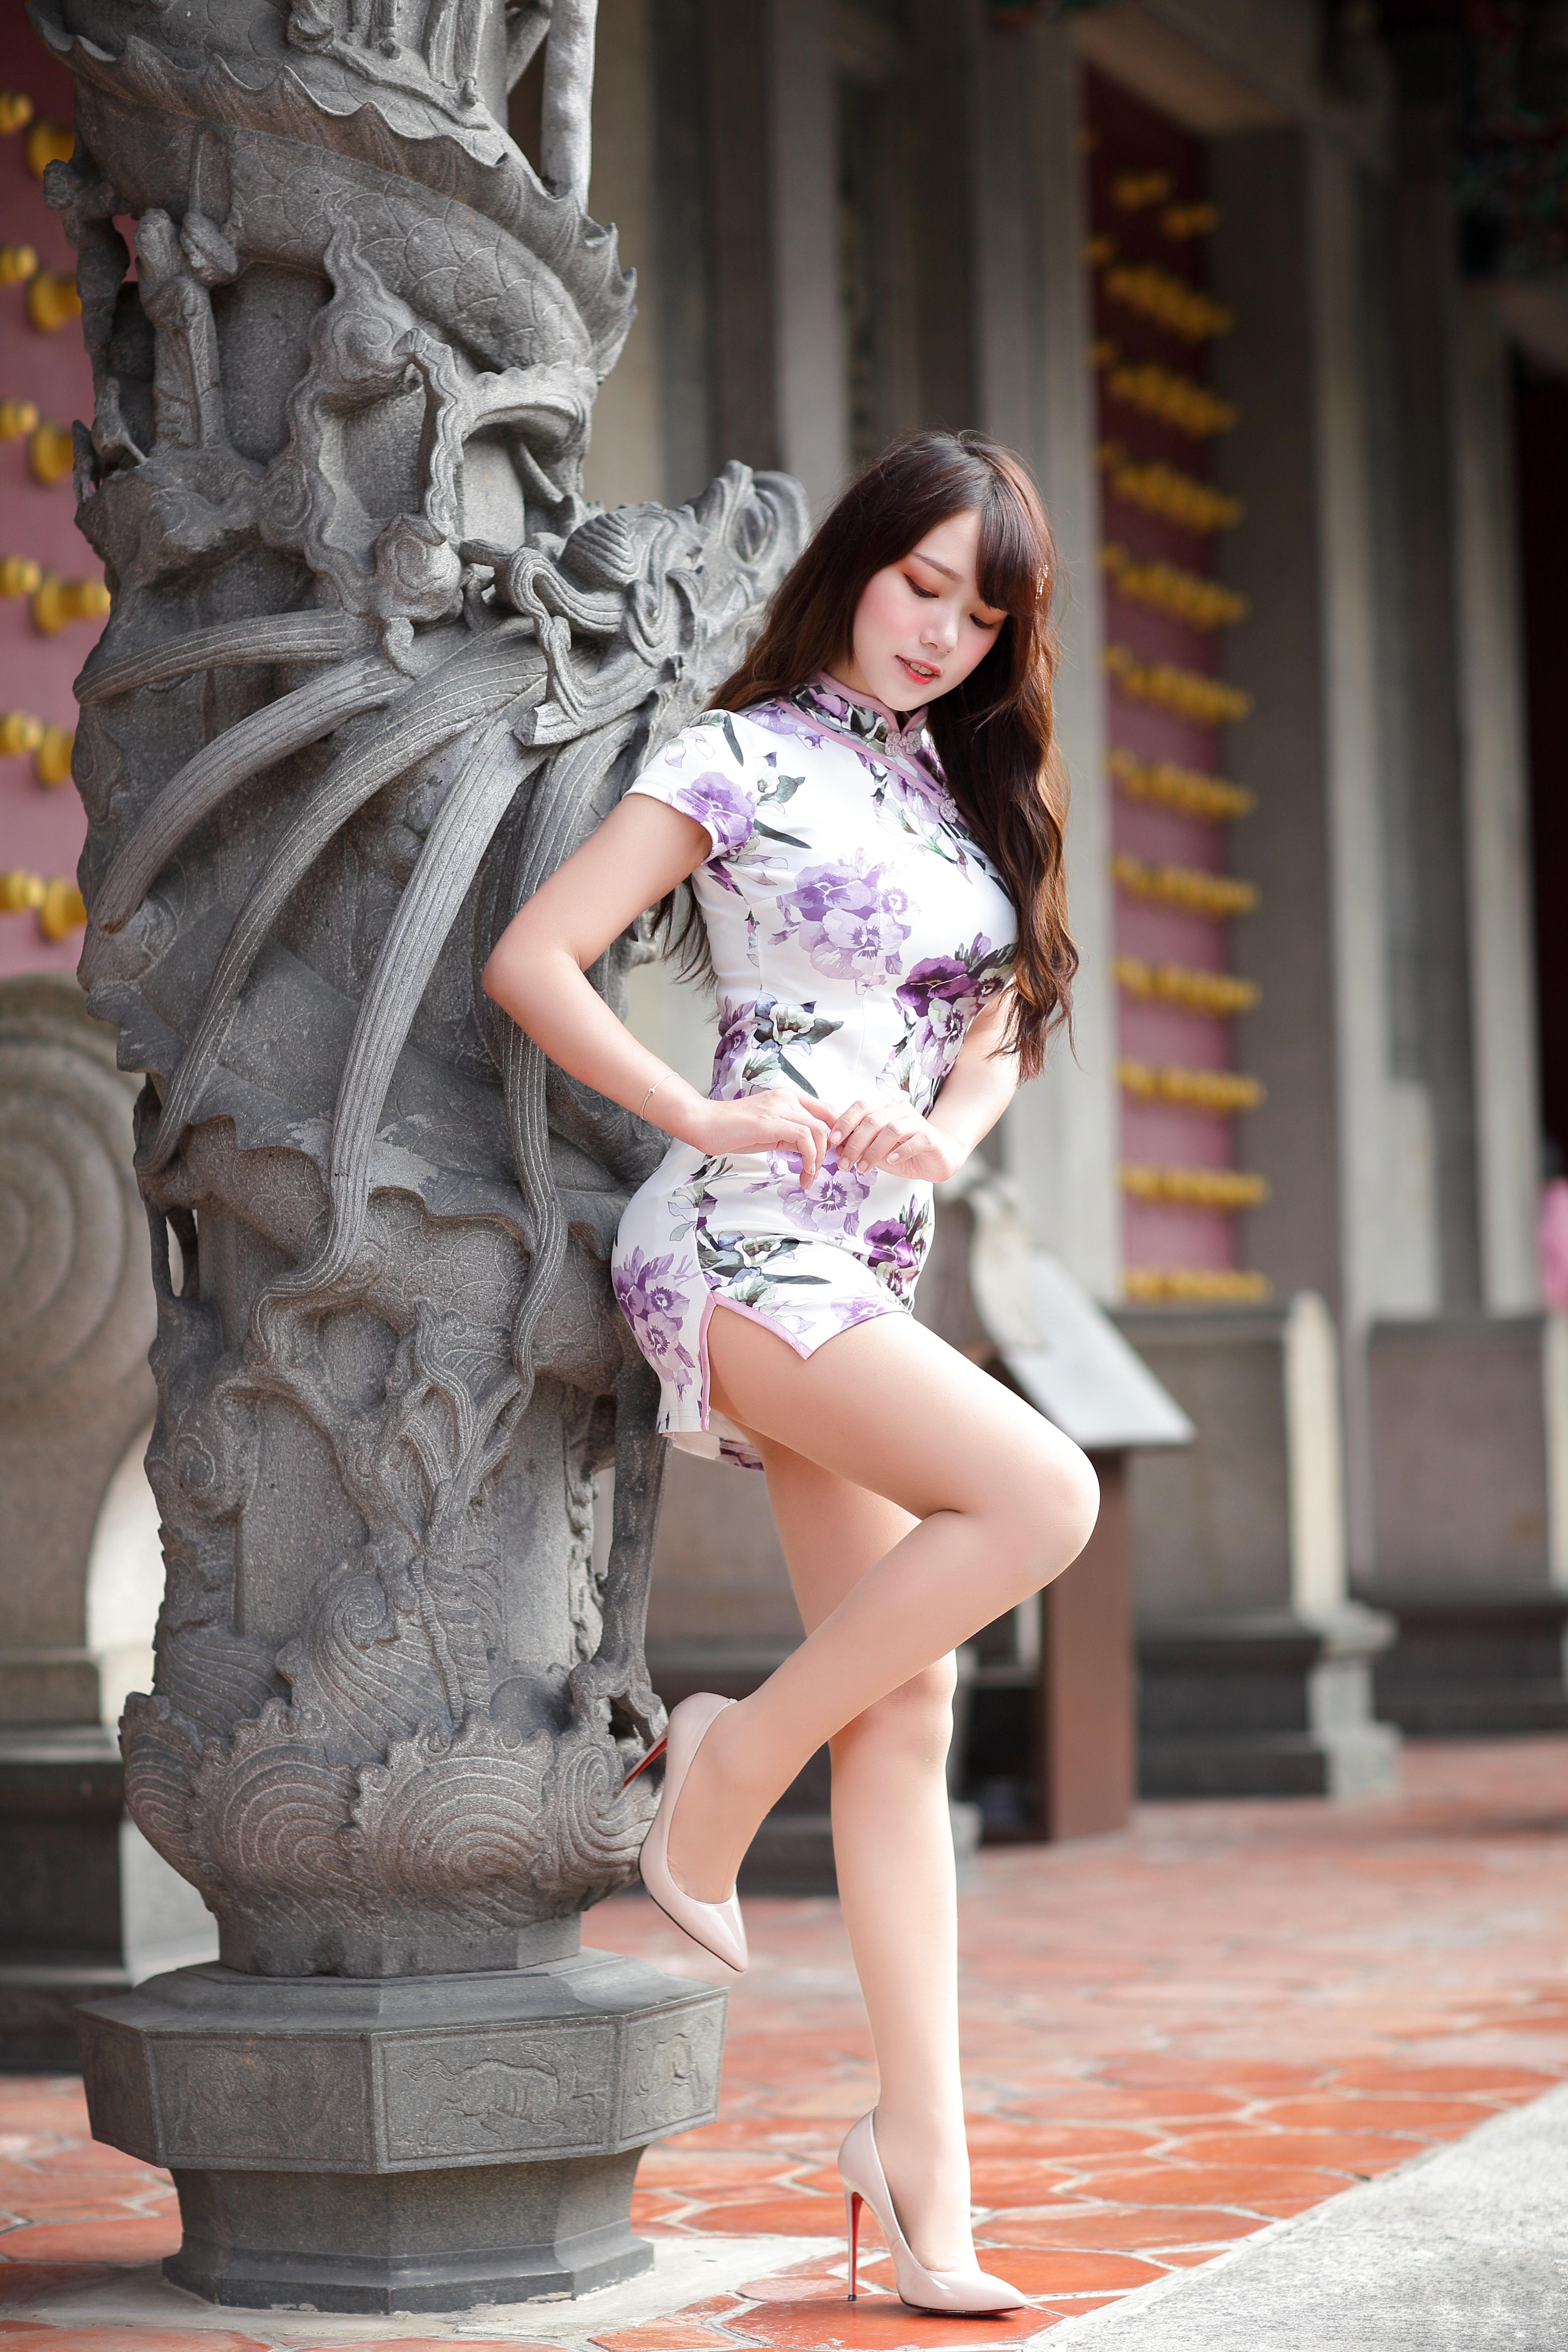 Картинки позирует молодые женщины ног Азиаты Платье 3744x5616 для мобильного телефона Поза девушка Девушки молодая женщина Ноги азиатки азиатка платья